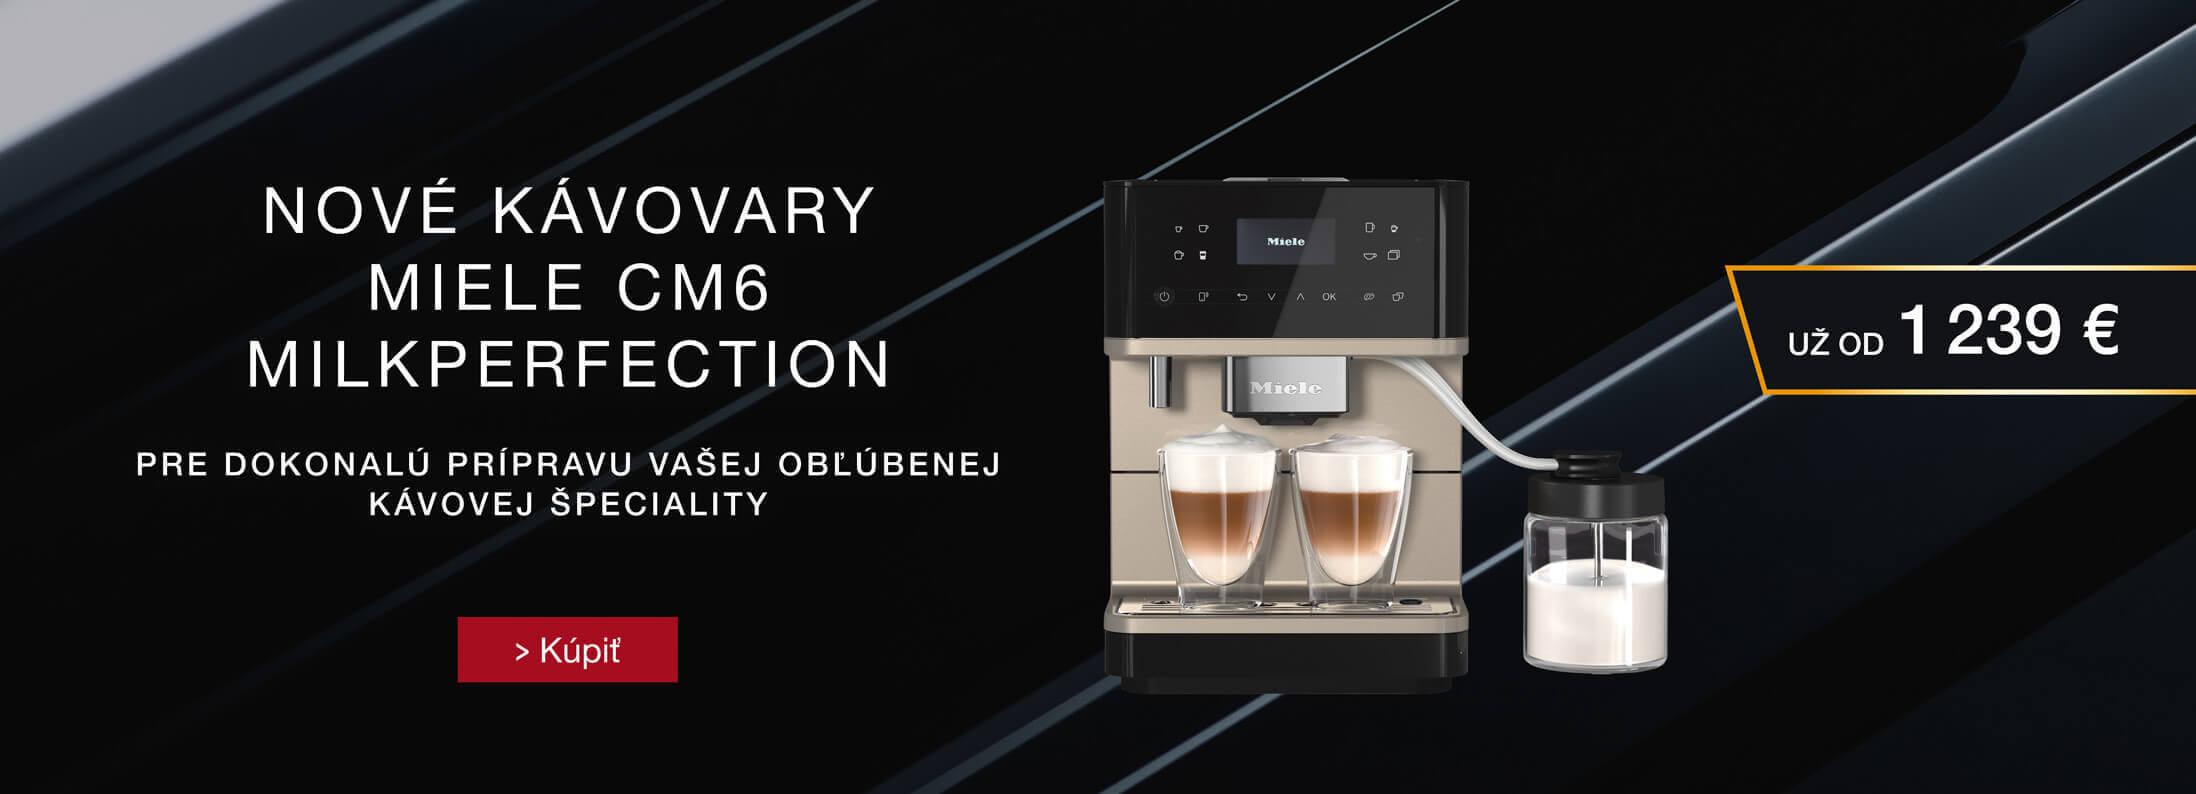 Miele - Voľne stojace kávovary Miele CM6 MilkPerfection